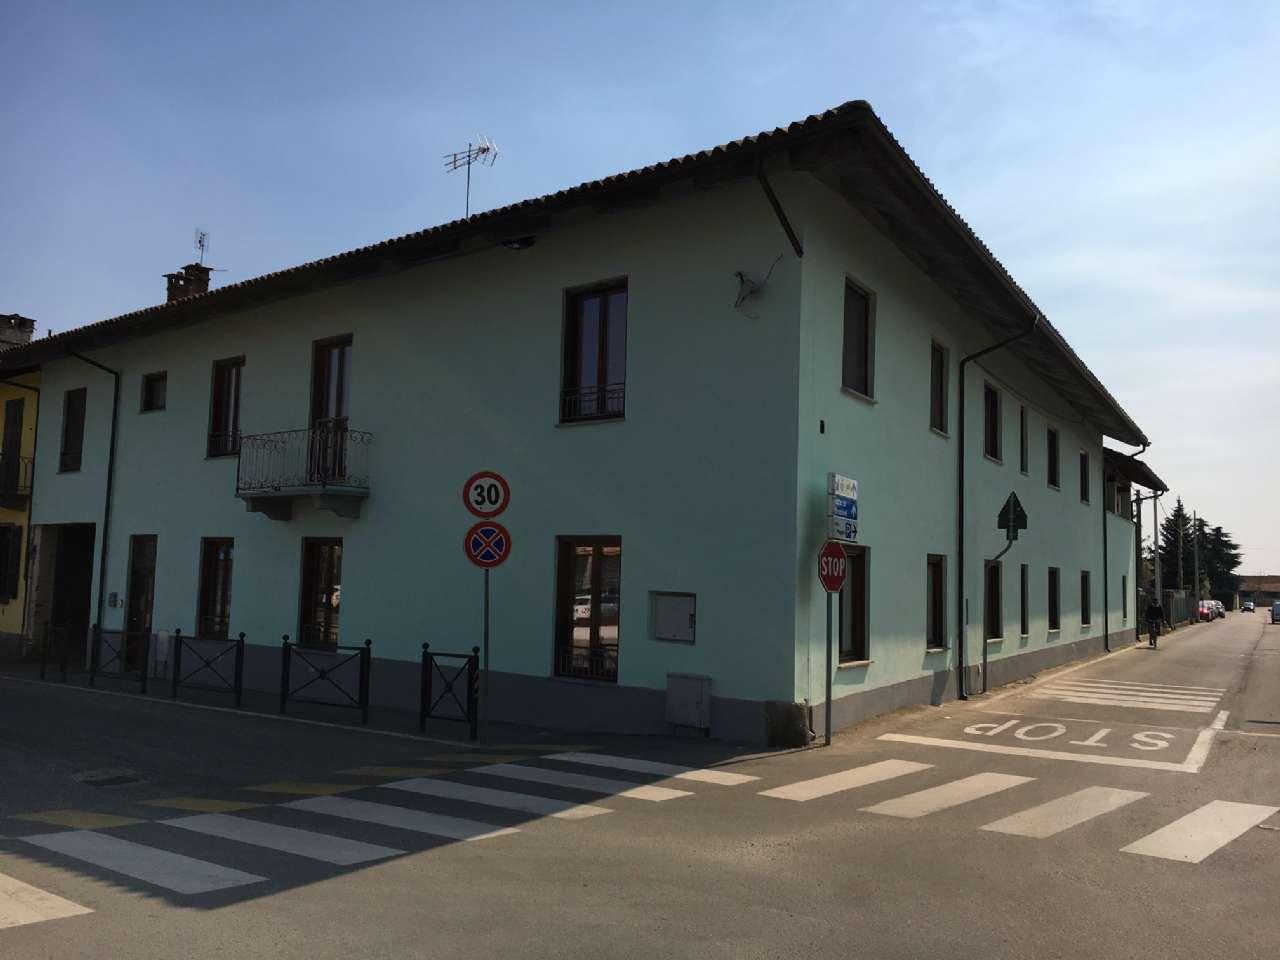 Immobile Commerciale in vendita a Piscina, 9999 locali, prezzo € 2.350.000 | PortaleAgenzieImmobiliari.it